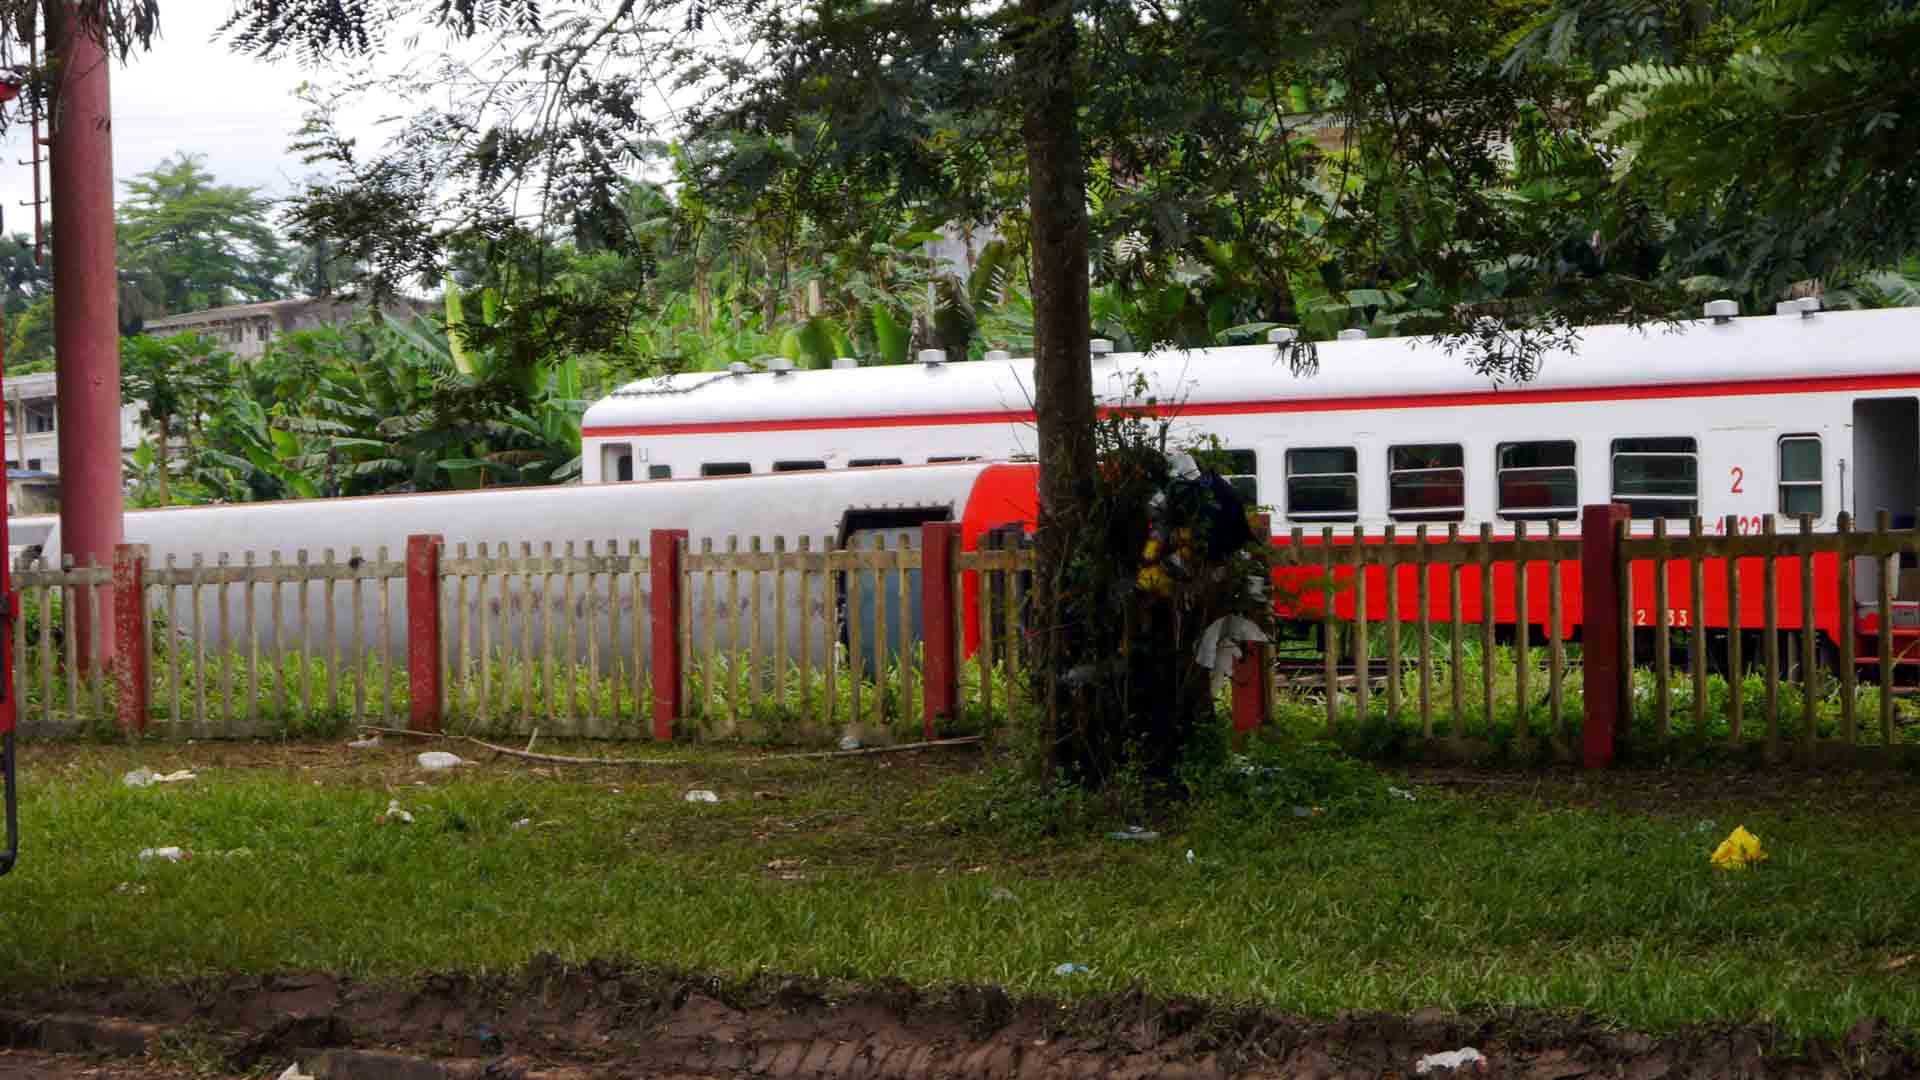 Tras el descarrilamiento de un tren en la zona se contabilizan 80 muertos y 600 heridos pero se teme que cantidad de víctimas mortales se eleve